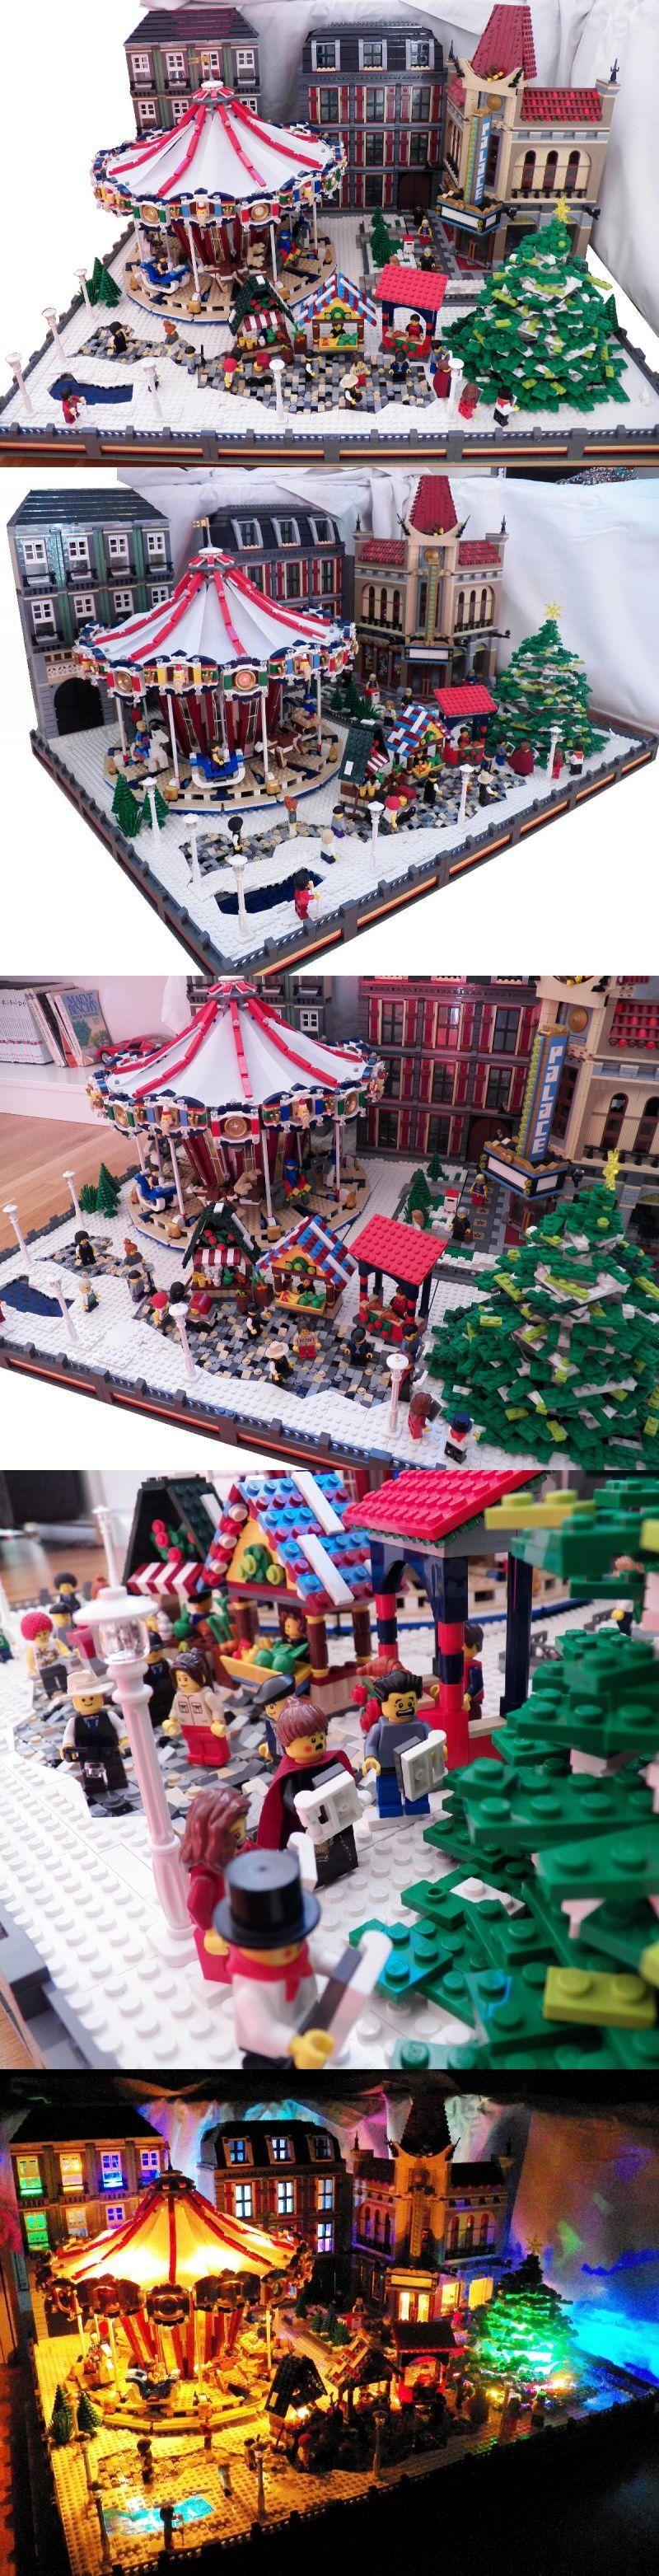 Deco Noel ChristmasLego Merry NoëlEt Village Winter uT15KlFcJ3